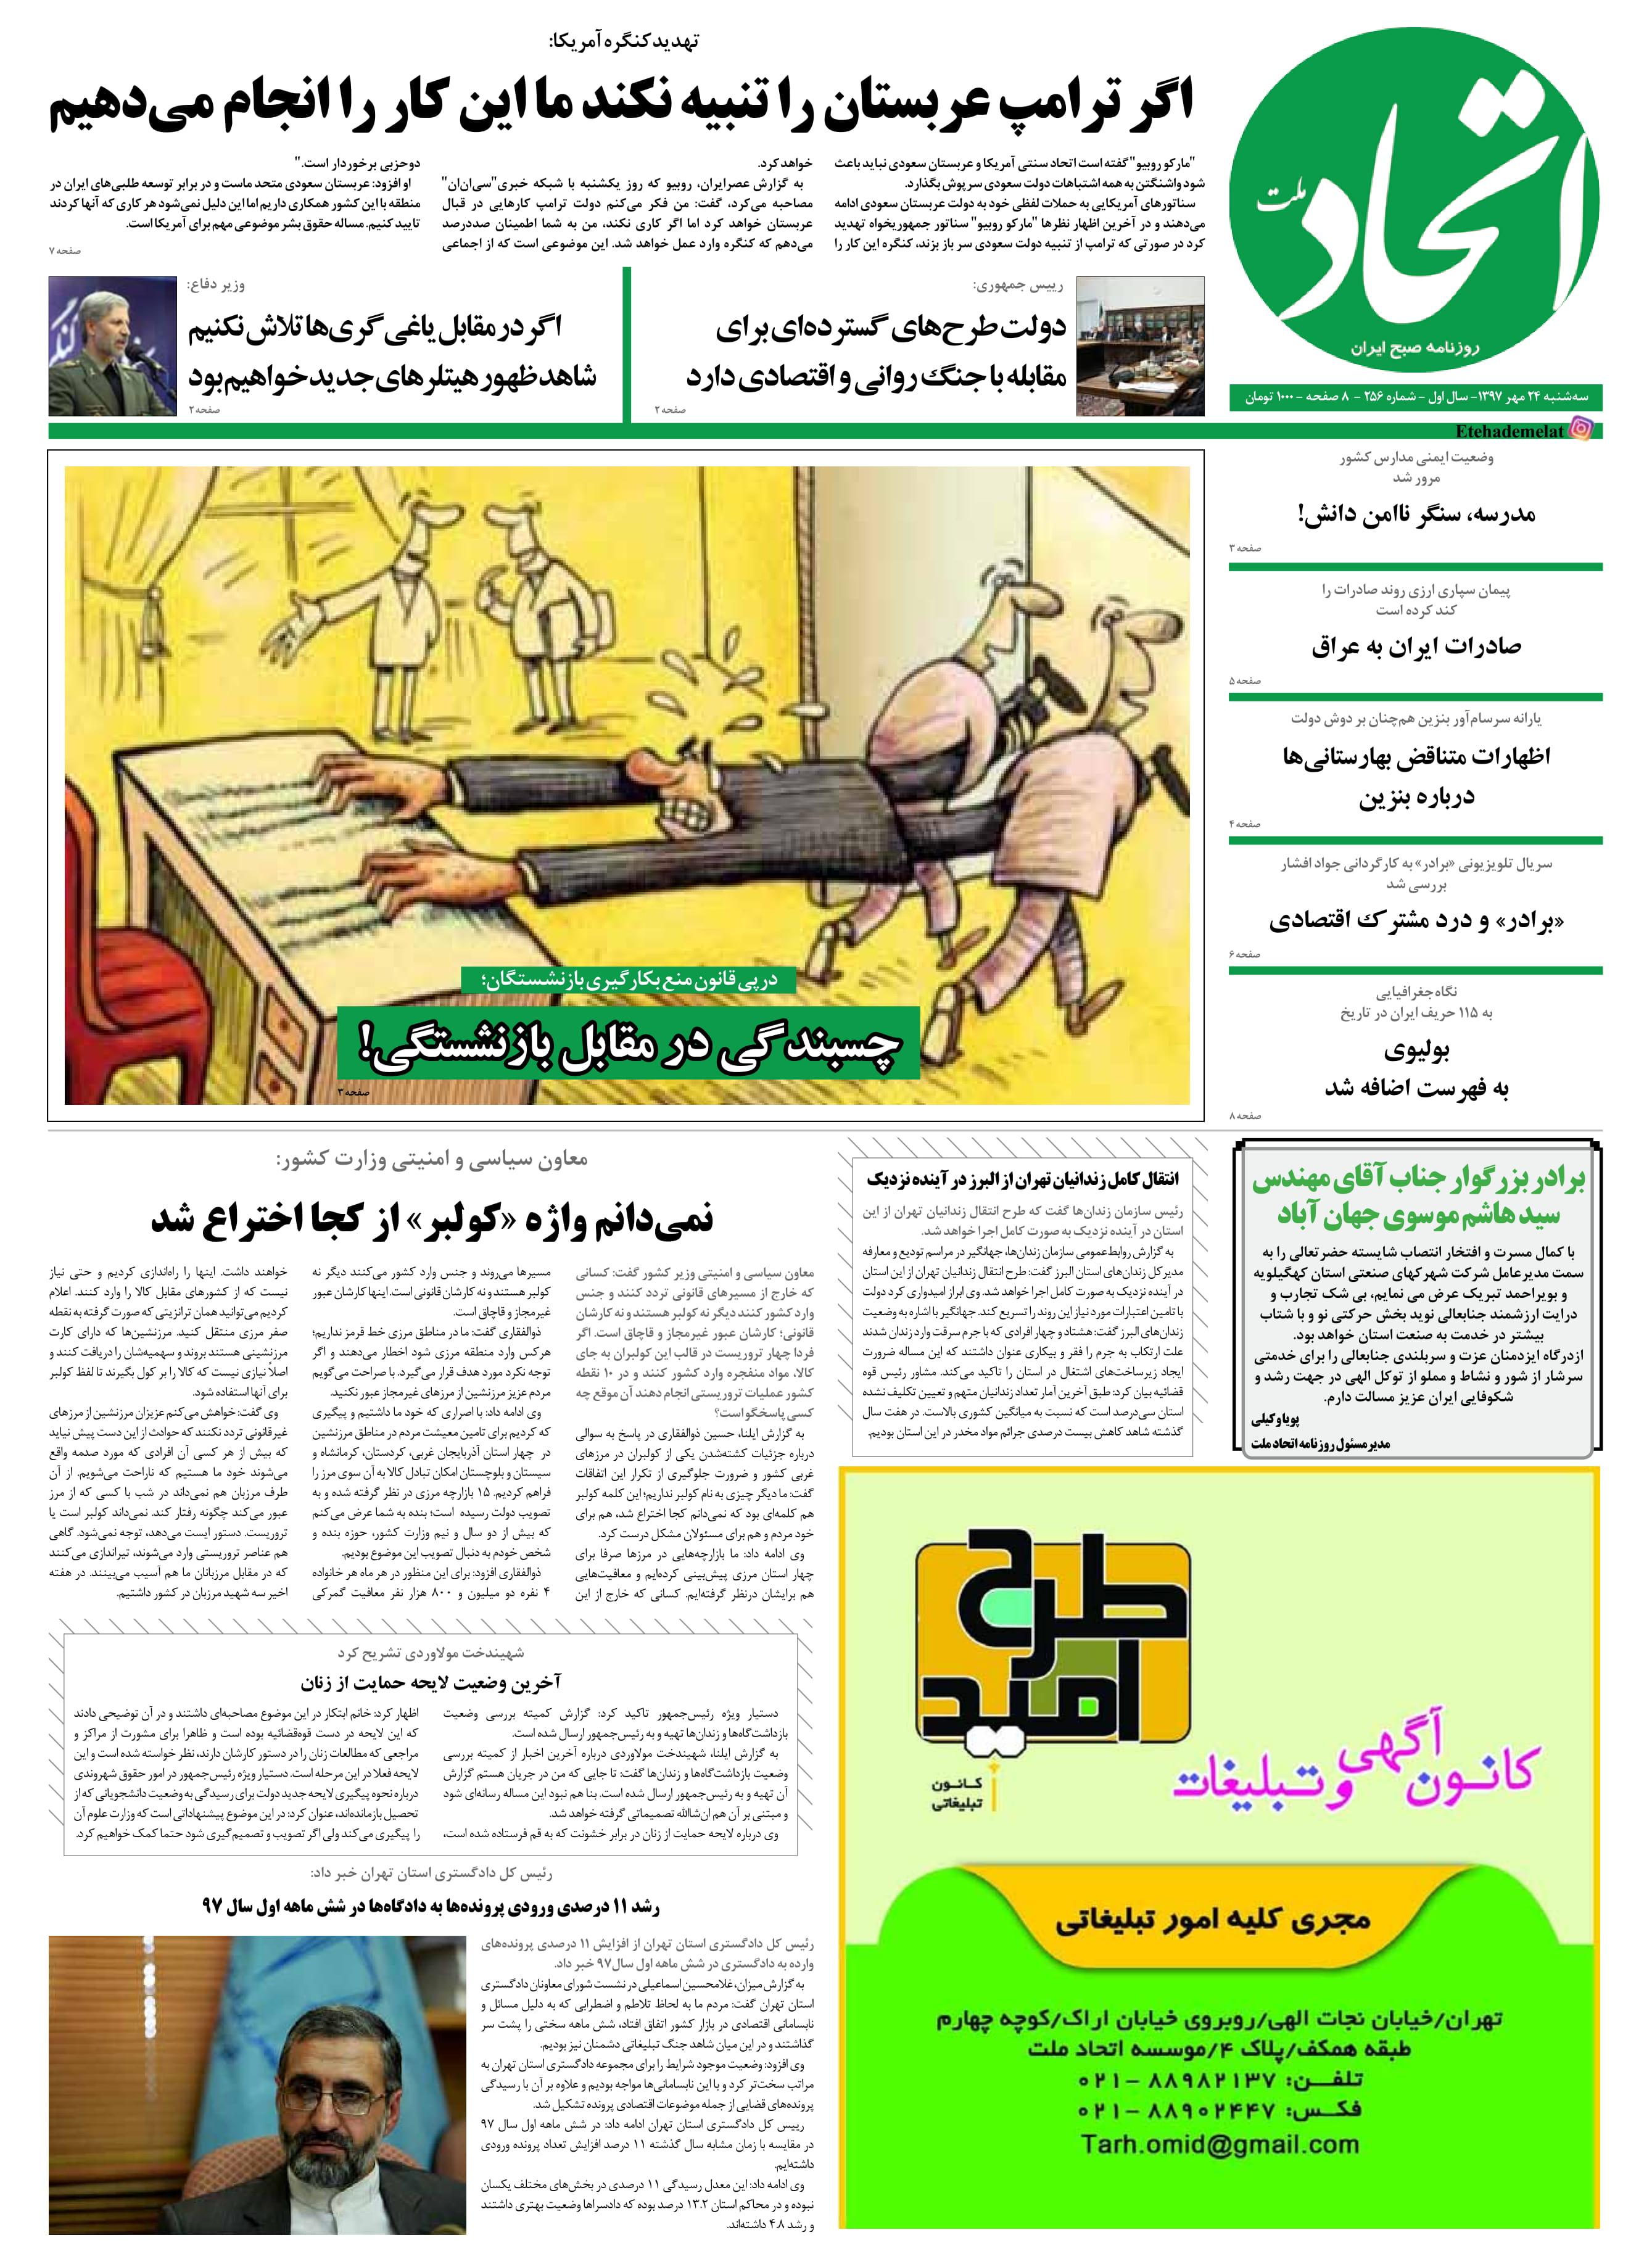 عناوین روزنامه اتحاد ملت